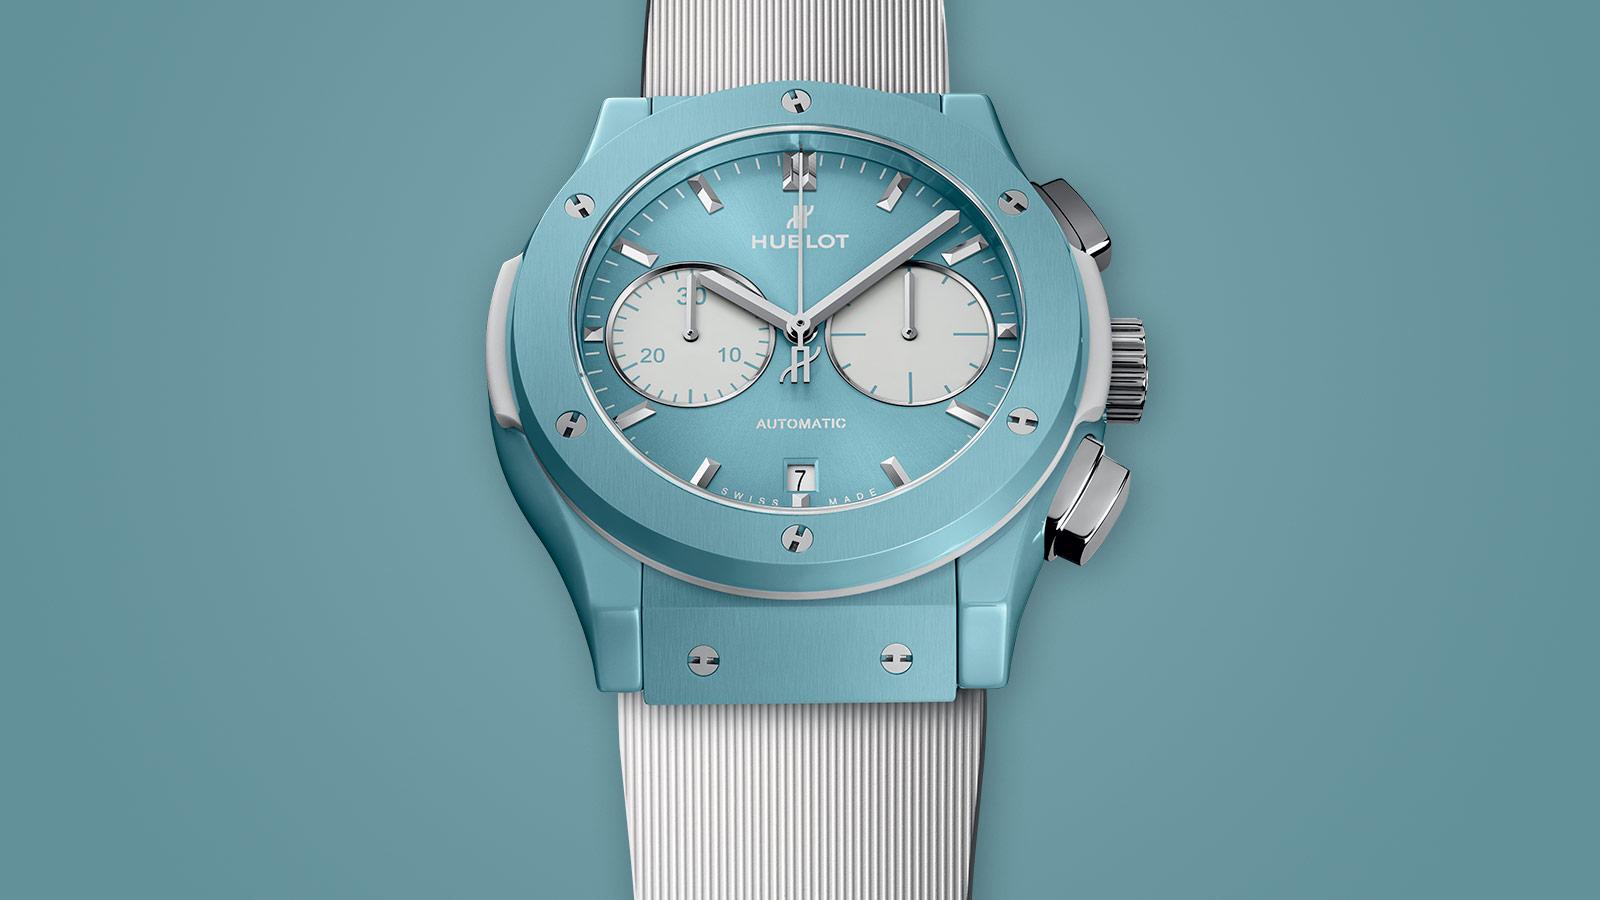 Het meest zomerse horloge is deze Hublot